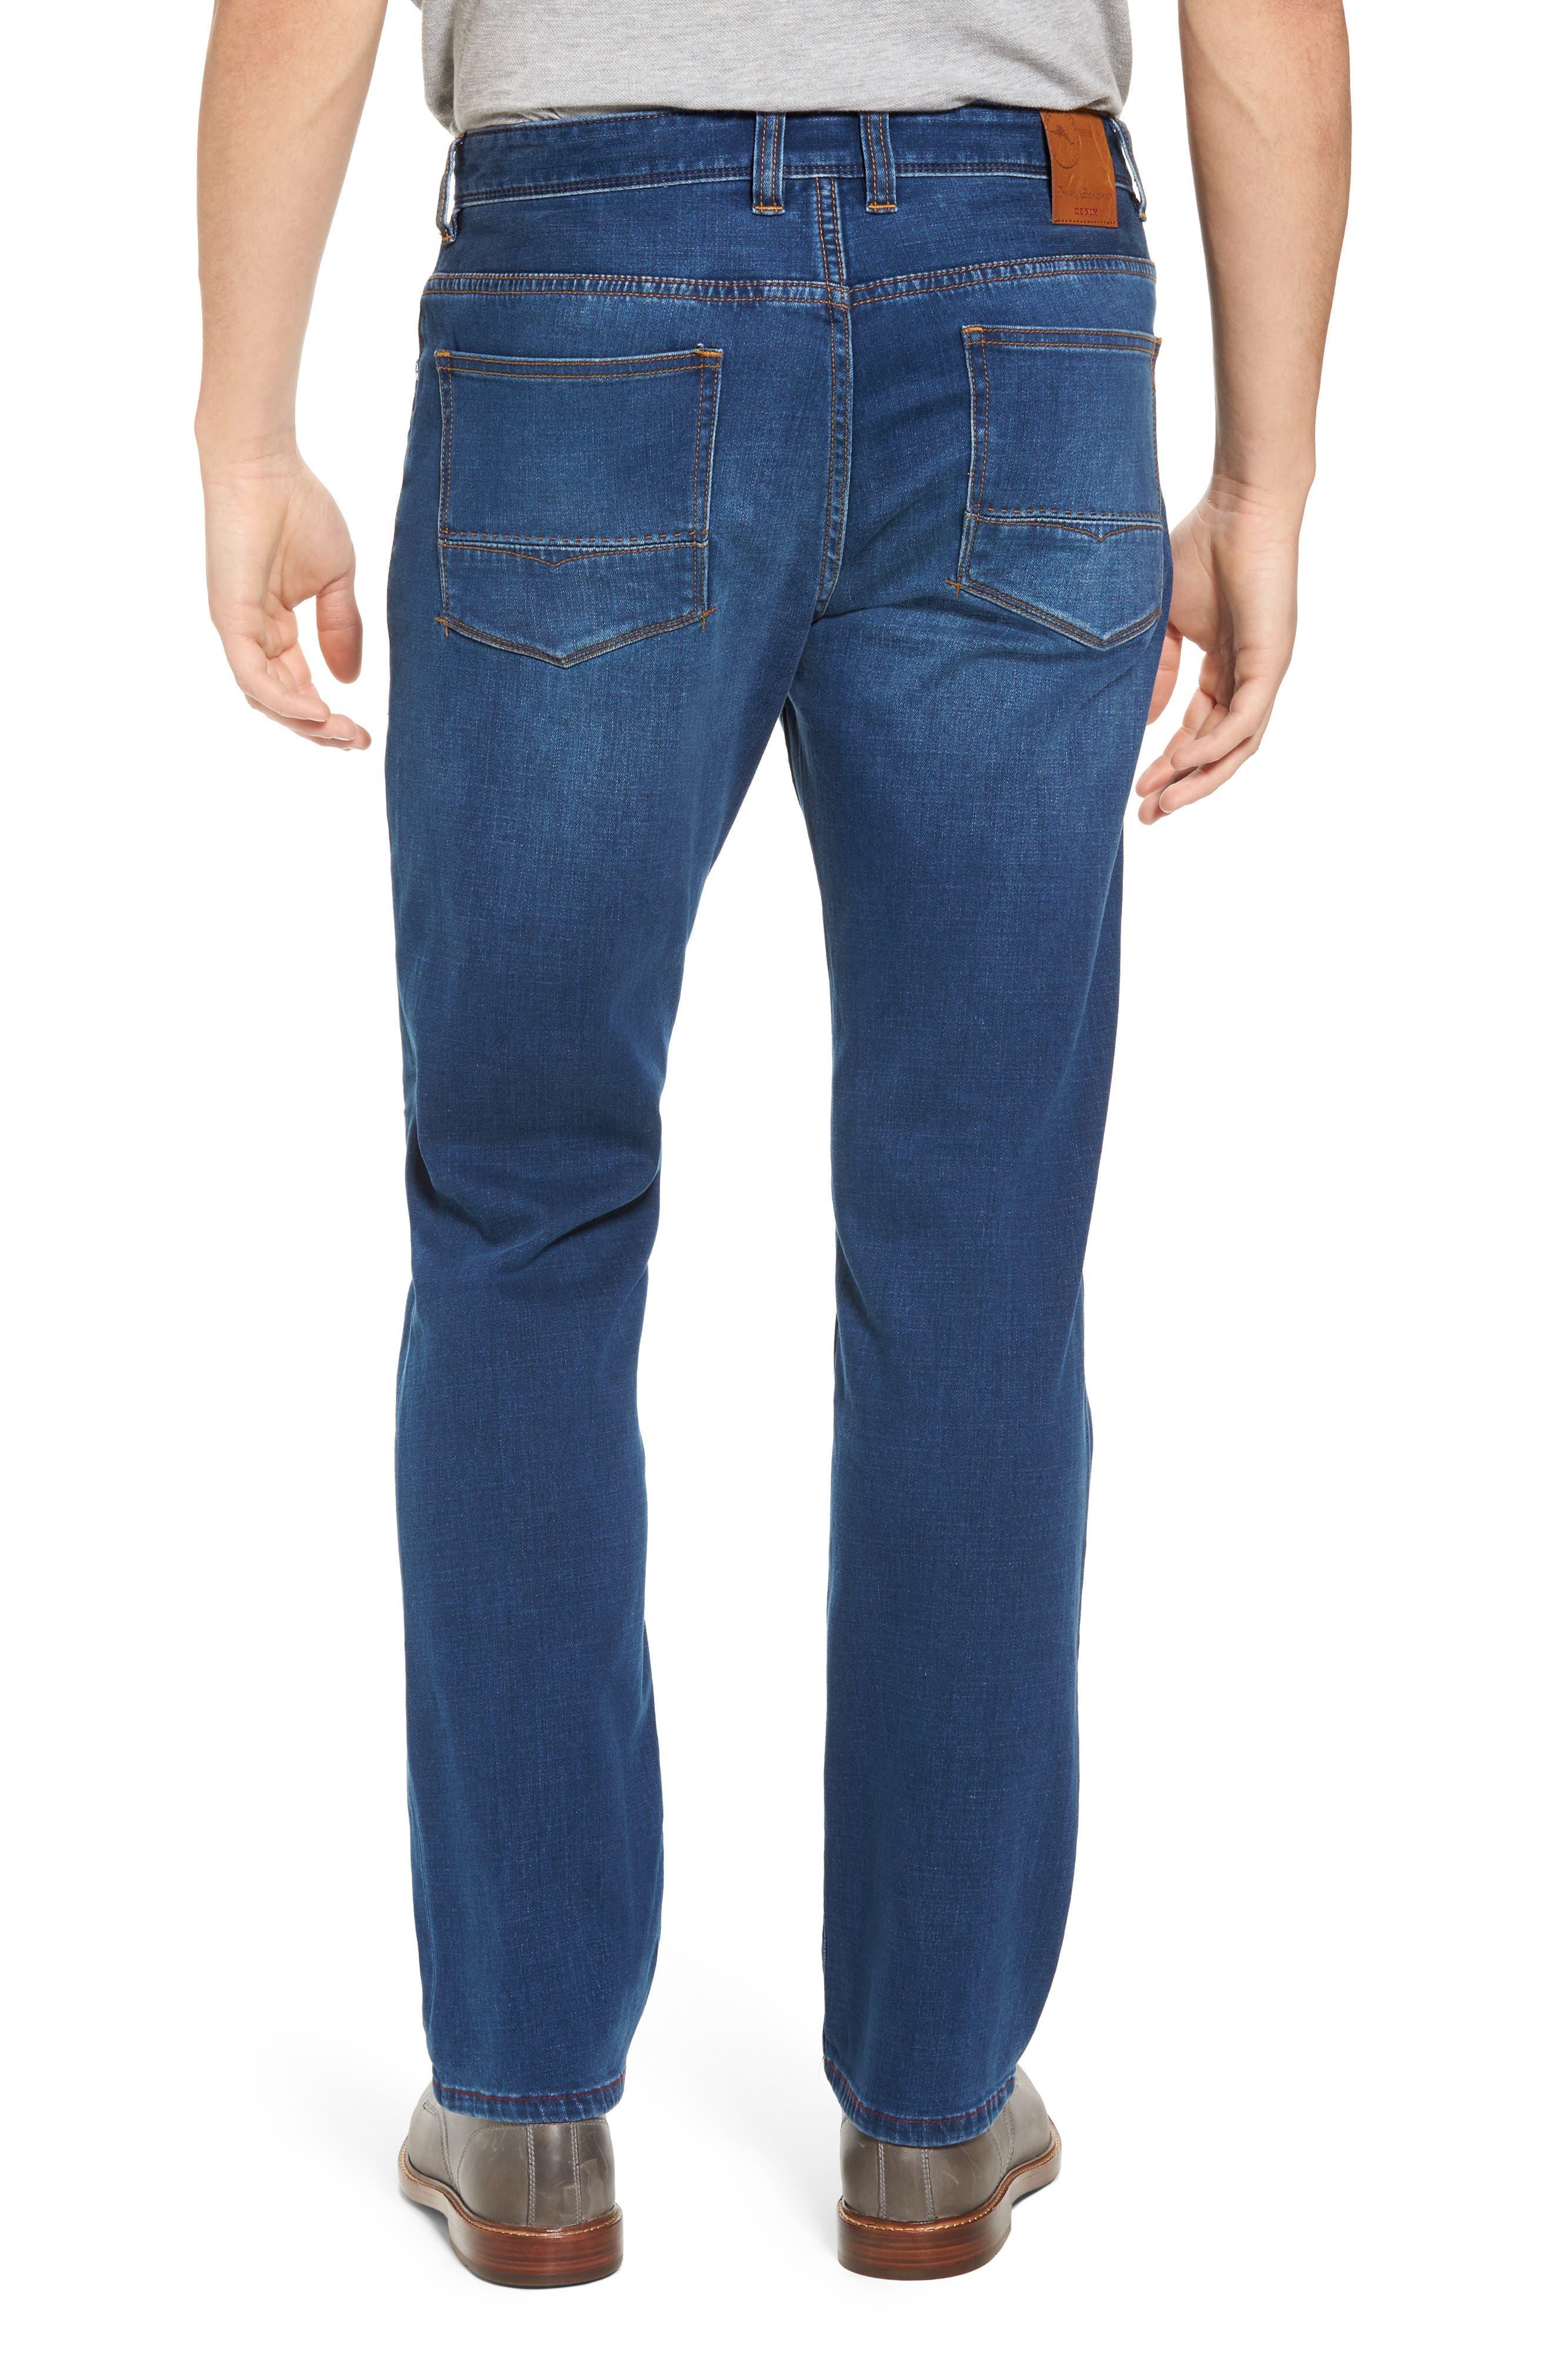 Caicos Authentic Fit Jeans,                             Alternate thumbnail 2, color,